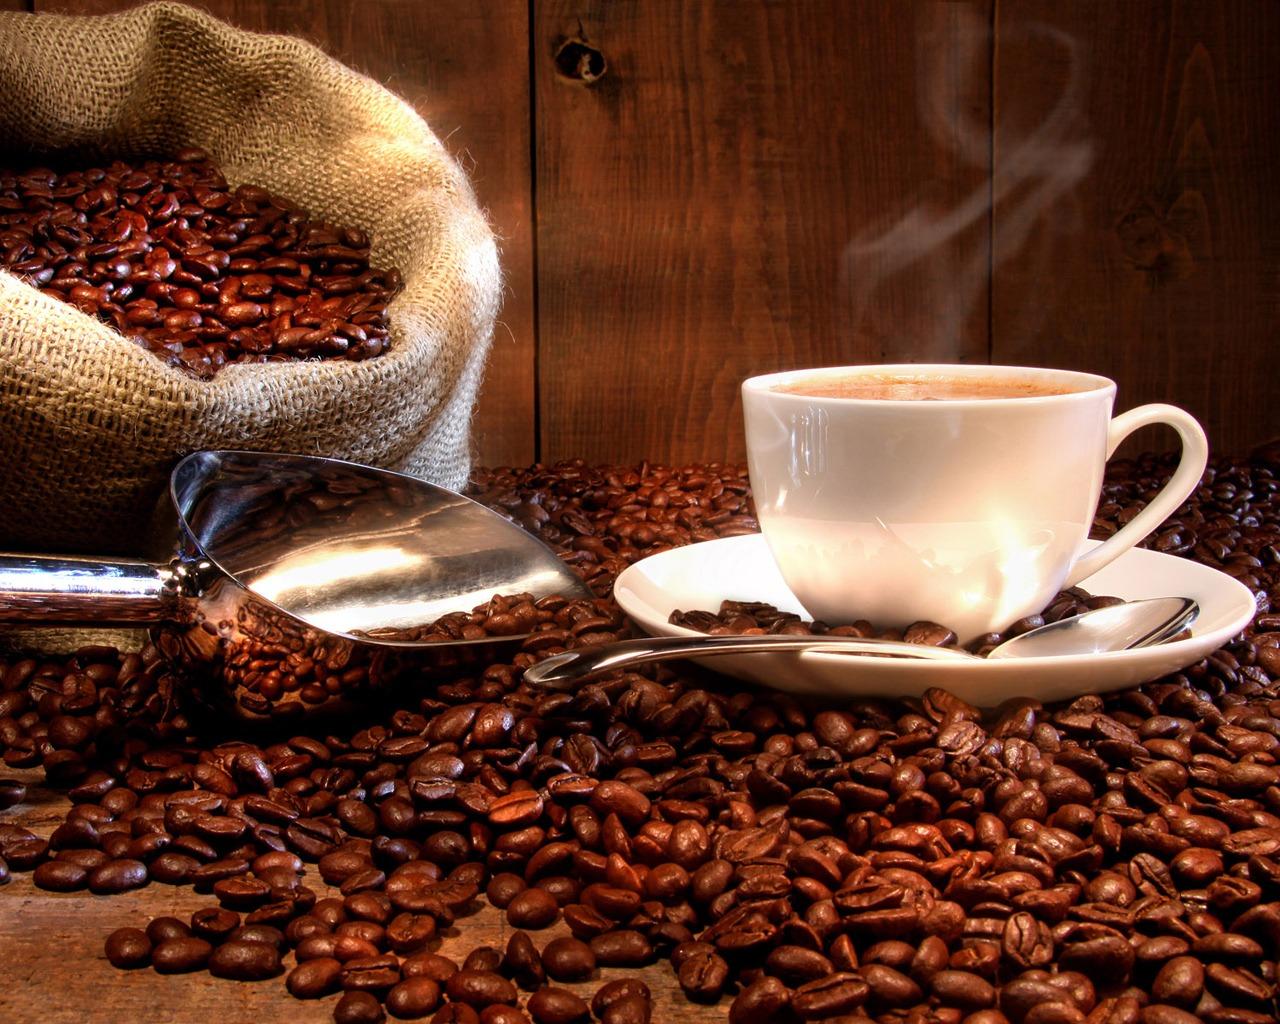 Tác dụng chữa bệnh kỳ diệu từ cà phê